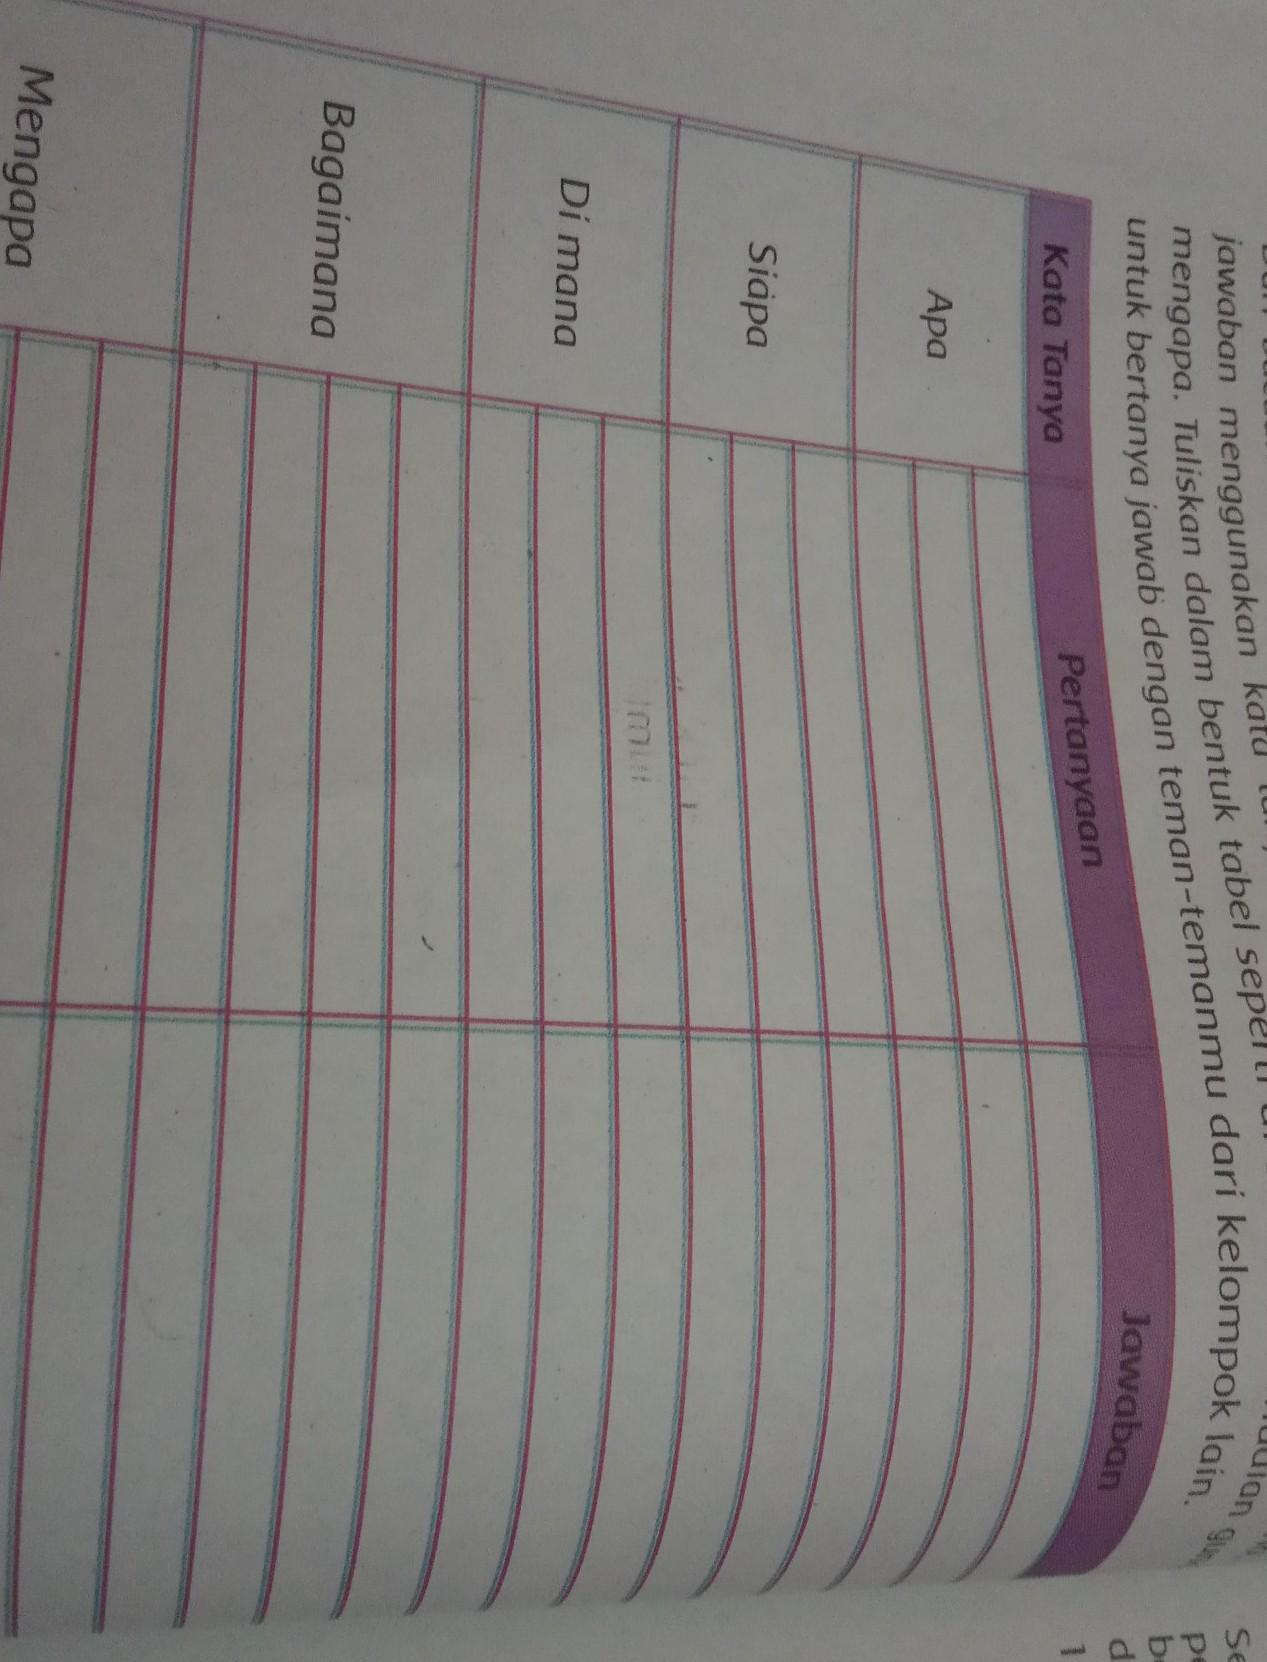 We did not find results for: Pelajaran Kelas 5 Tematik Tema 2 Halaman 88 Itu Pertanyaan Sm Jawaban Tentang Musyawarah Y Tlg Brainly Co Id